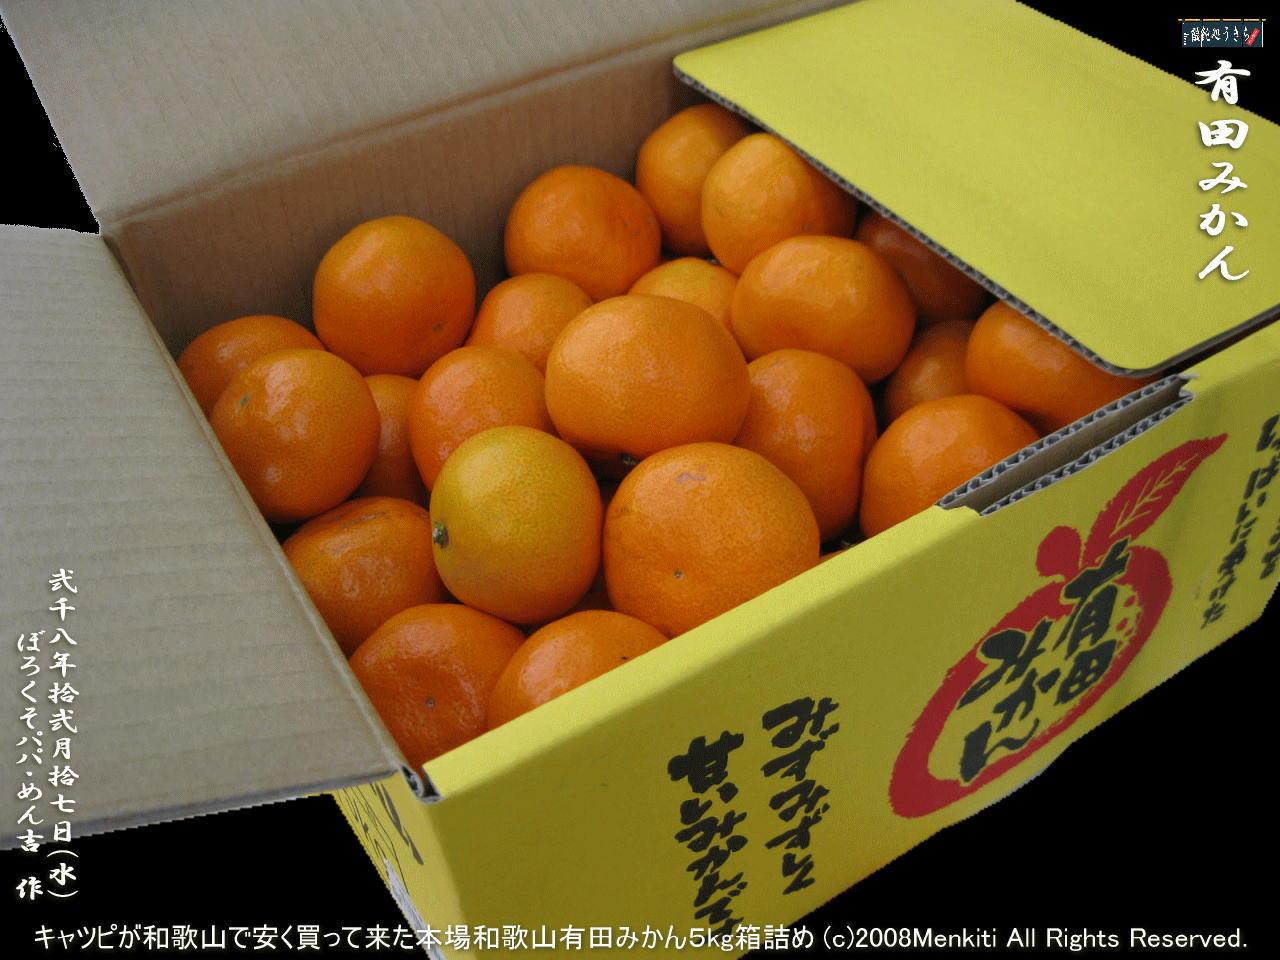 12/17(水)キャツピが和歌山で安く買って来た本場紀州和歌山有田みかん5kg箱詰め@キャツピ&めん吉の【ぼろくそパパの独り言】     ▼クリックで1280x960pxlsに拡大します。